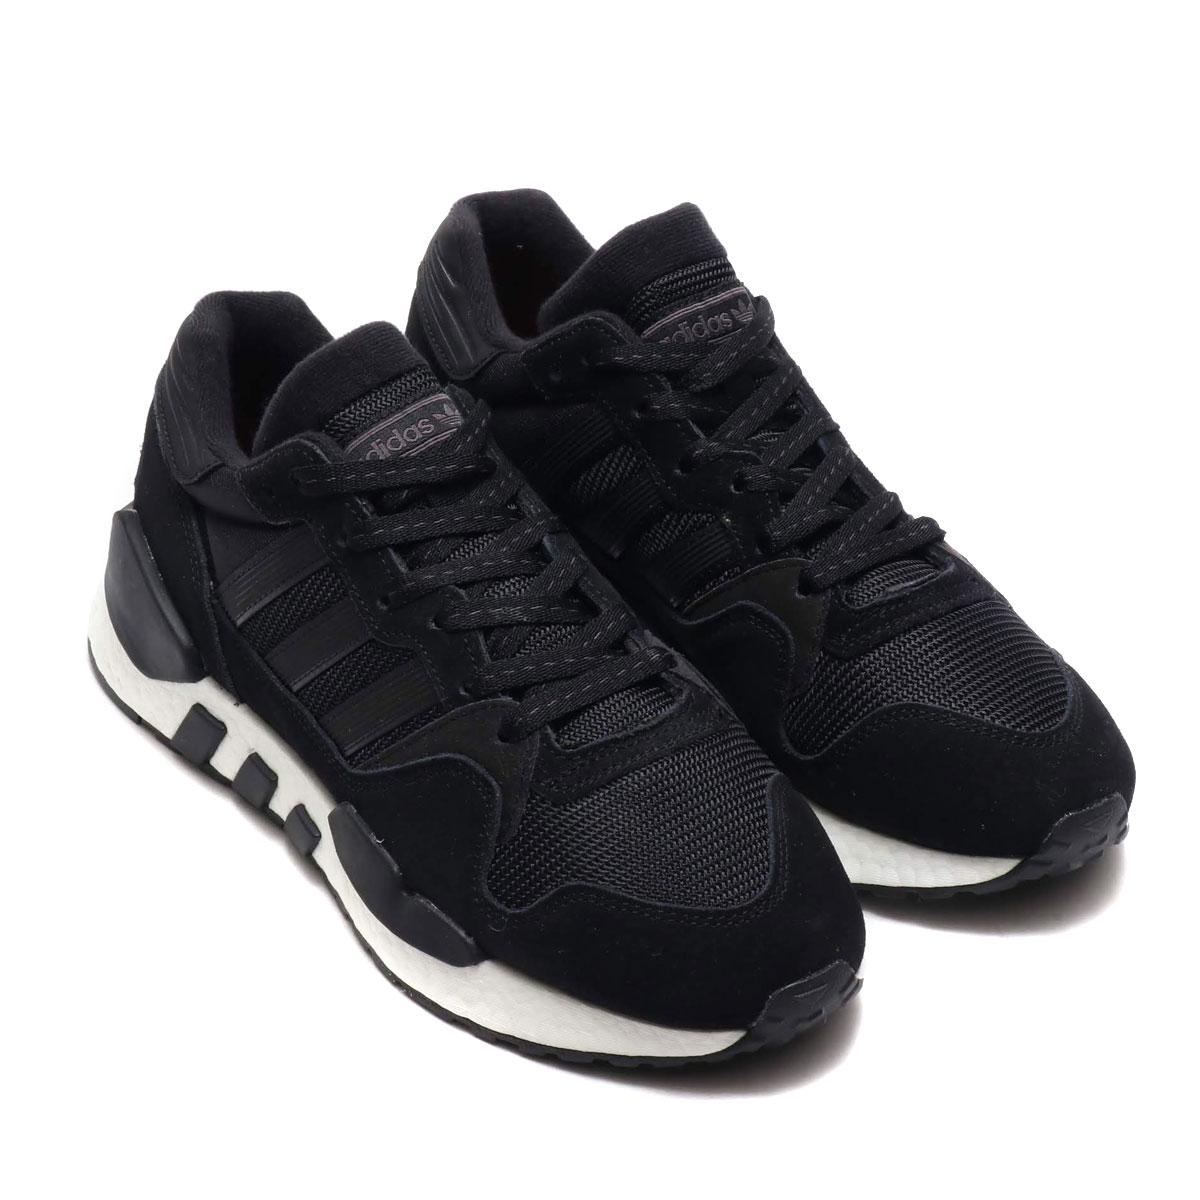 new products a0e7b 81405 adidas Originals ZX930 x EQT (BLACK) (Adidas ZX930 x EQT)